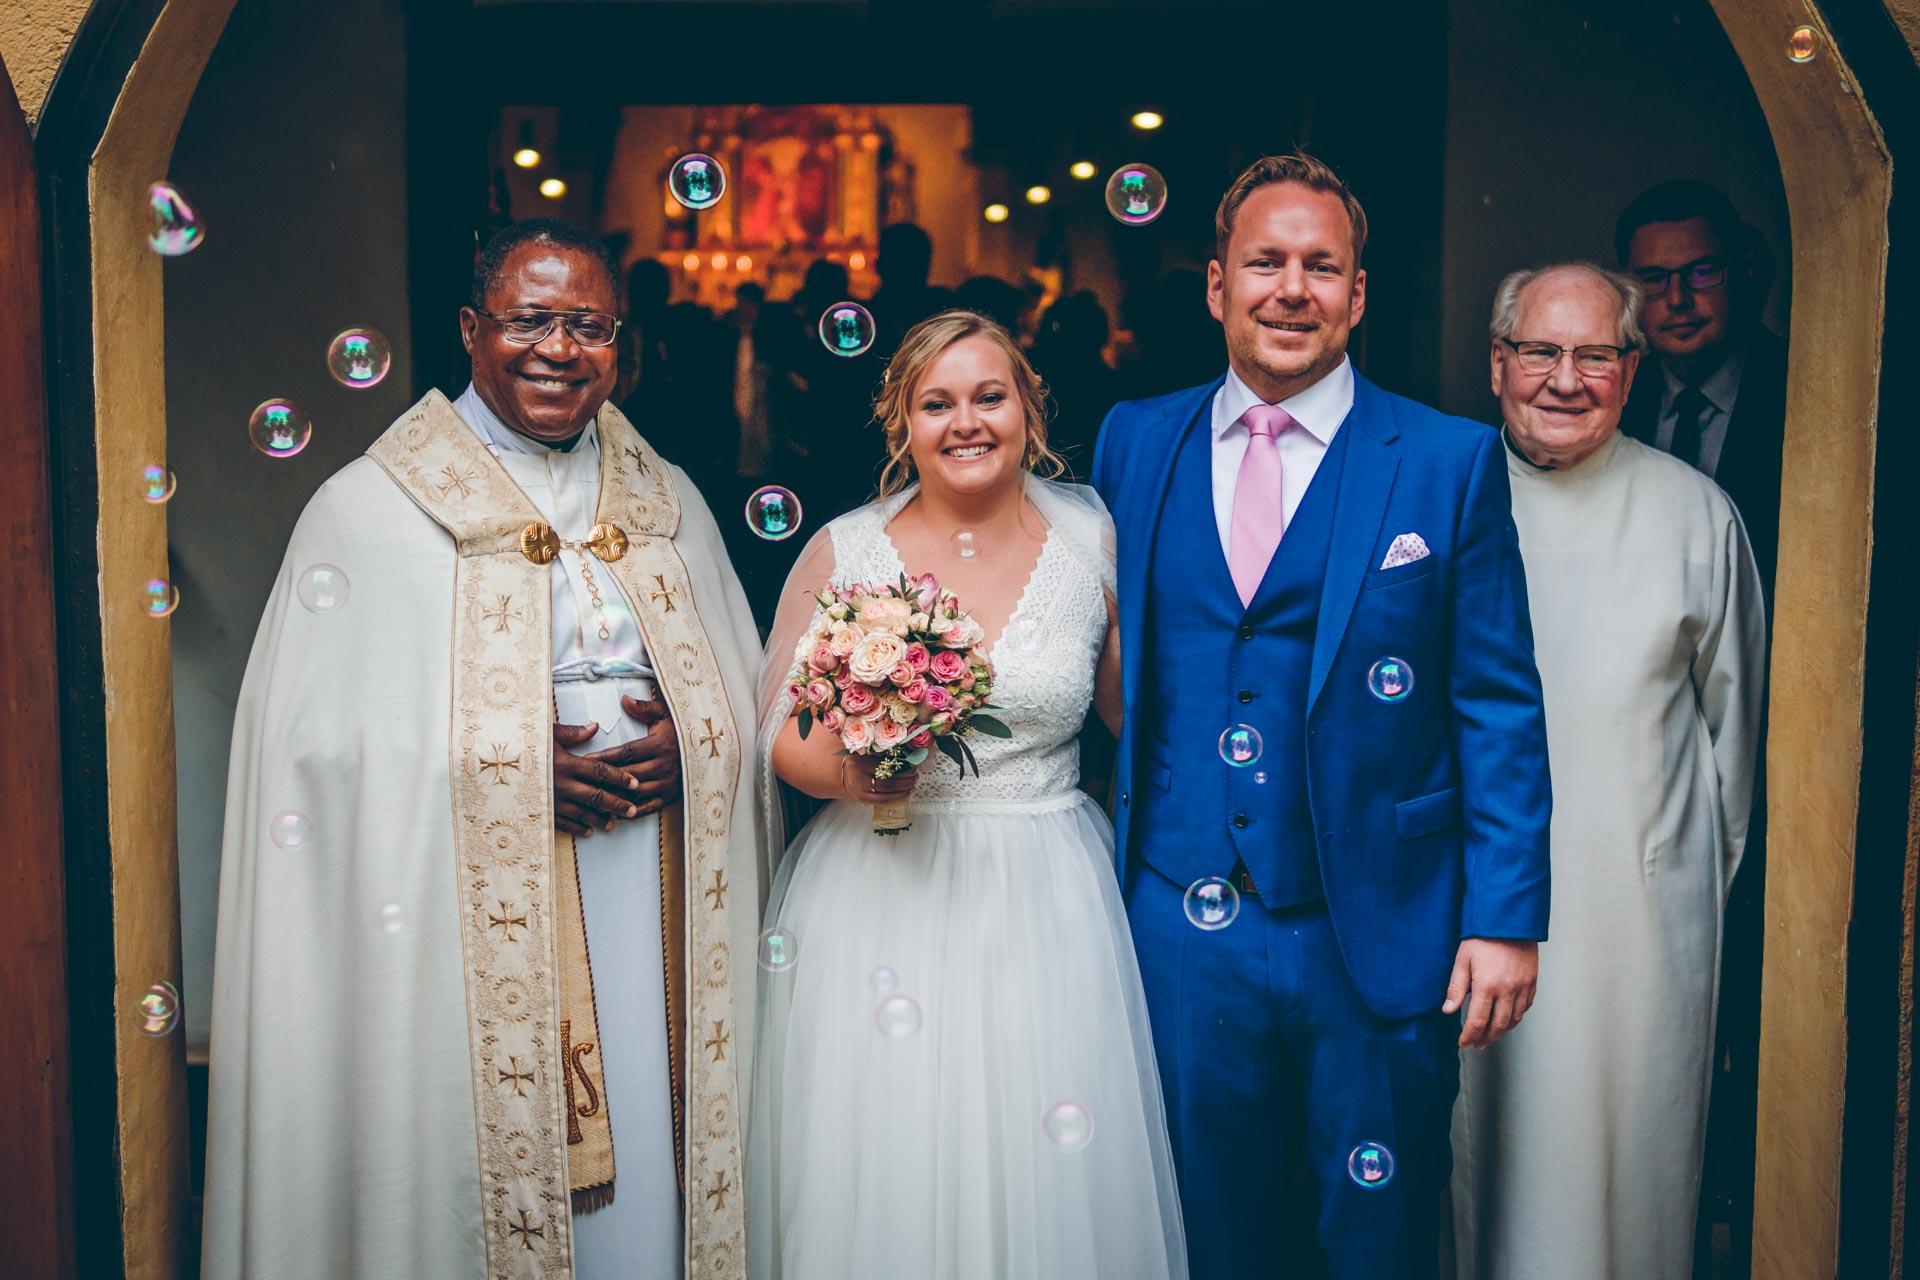 Hochzeitspaar nach der Trauung mit Pfarrern